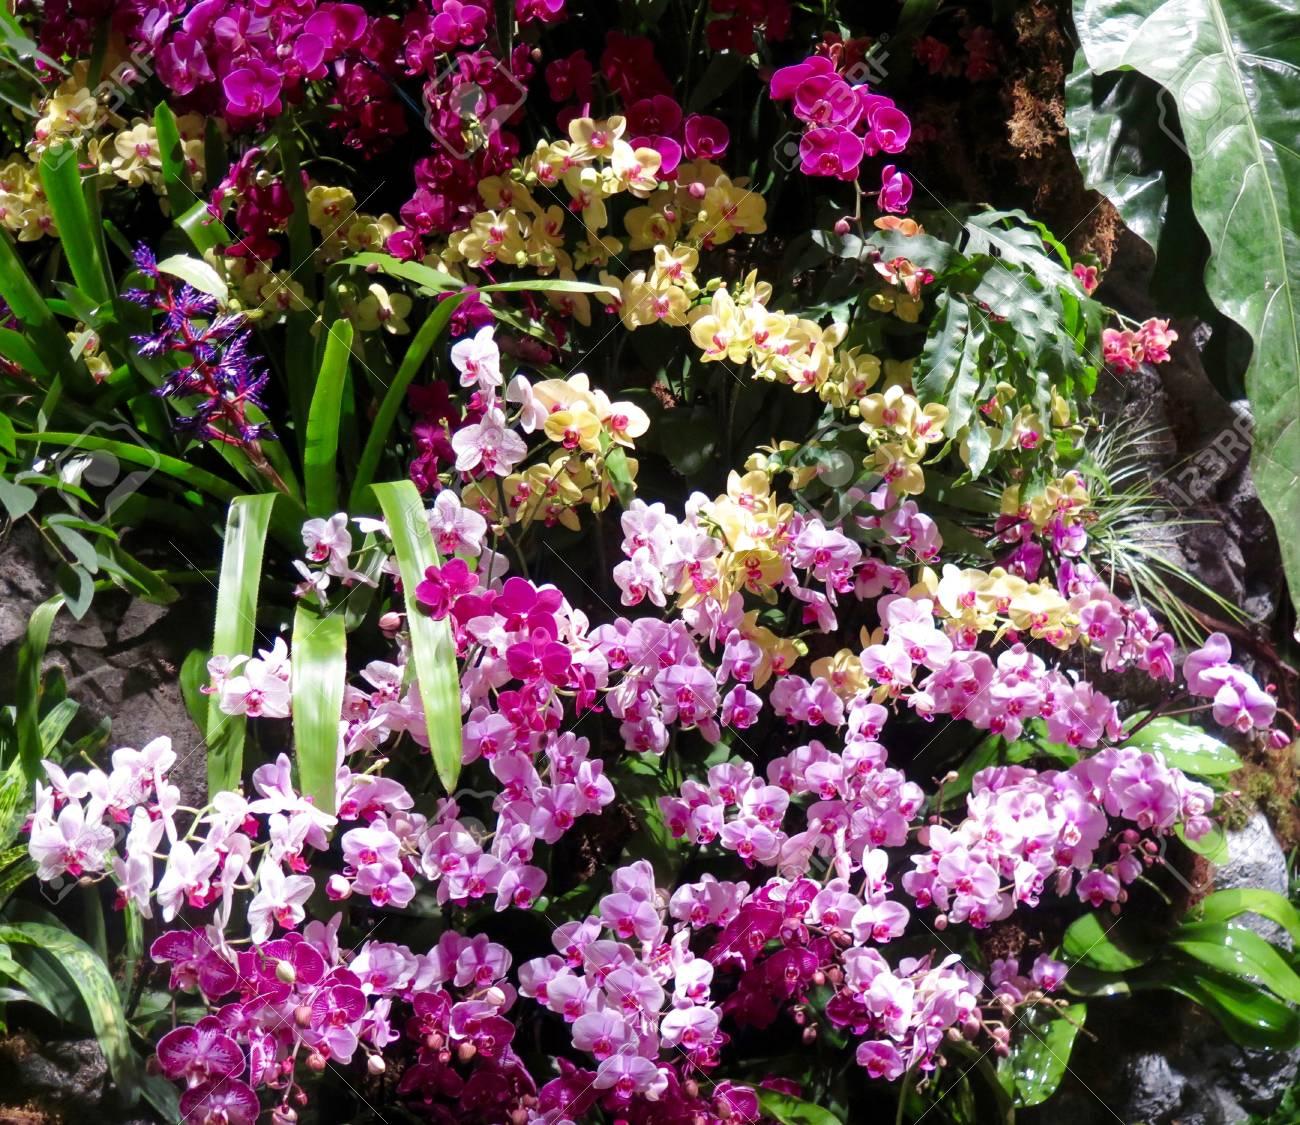 Jardin: orchidées exotiques cultivés dans un environnement à effet de serre